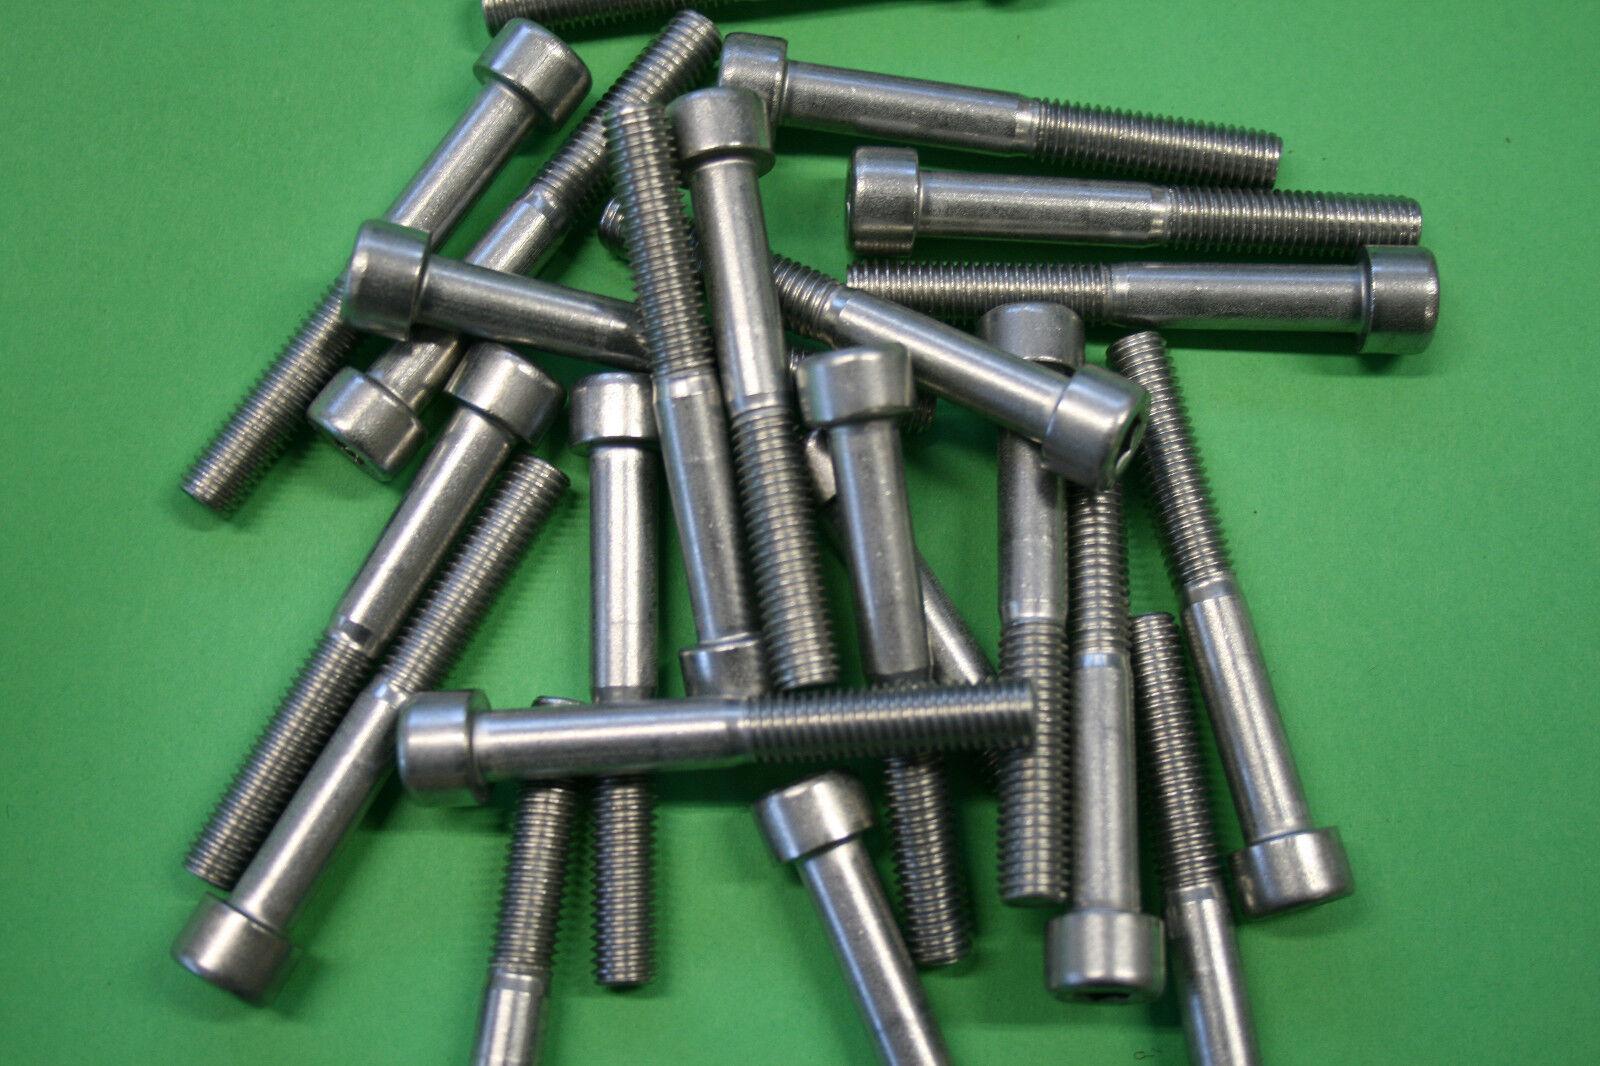 Gewindeschrauben, Zylinderschrauben, Größe (M) 8, DIN 912 Rostfreier Stahl | Zürich Online Shop